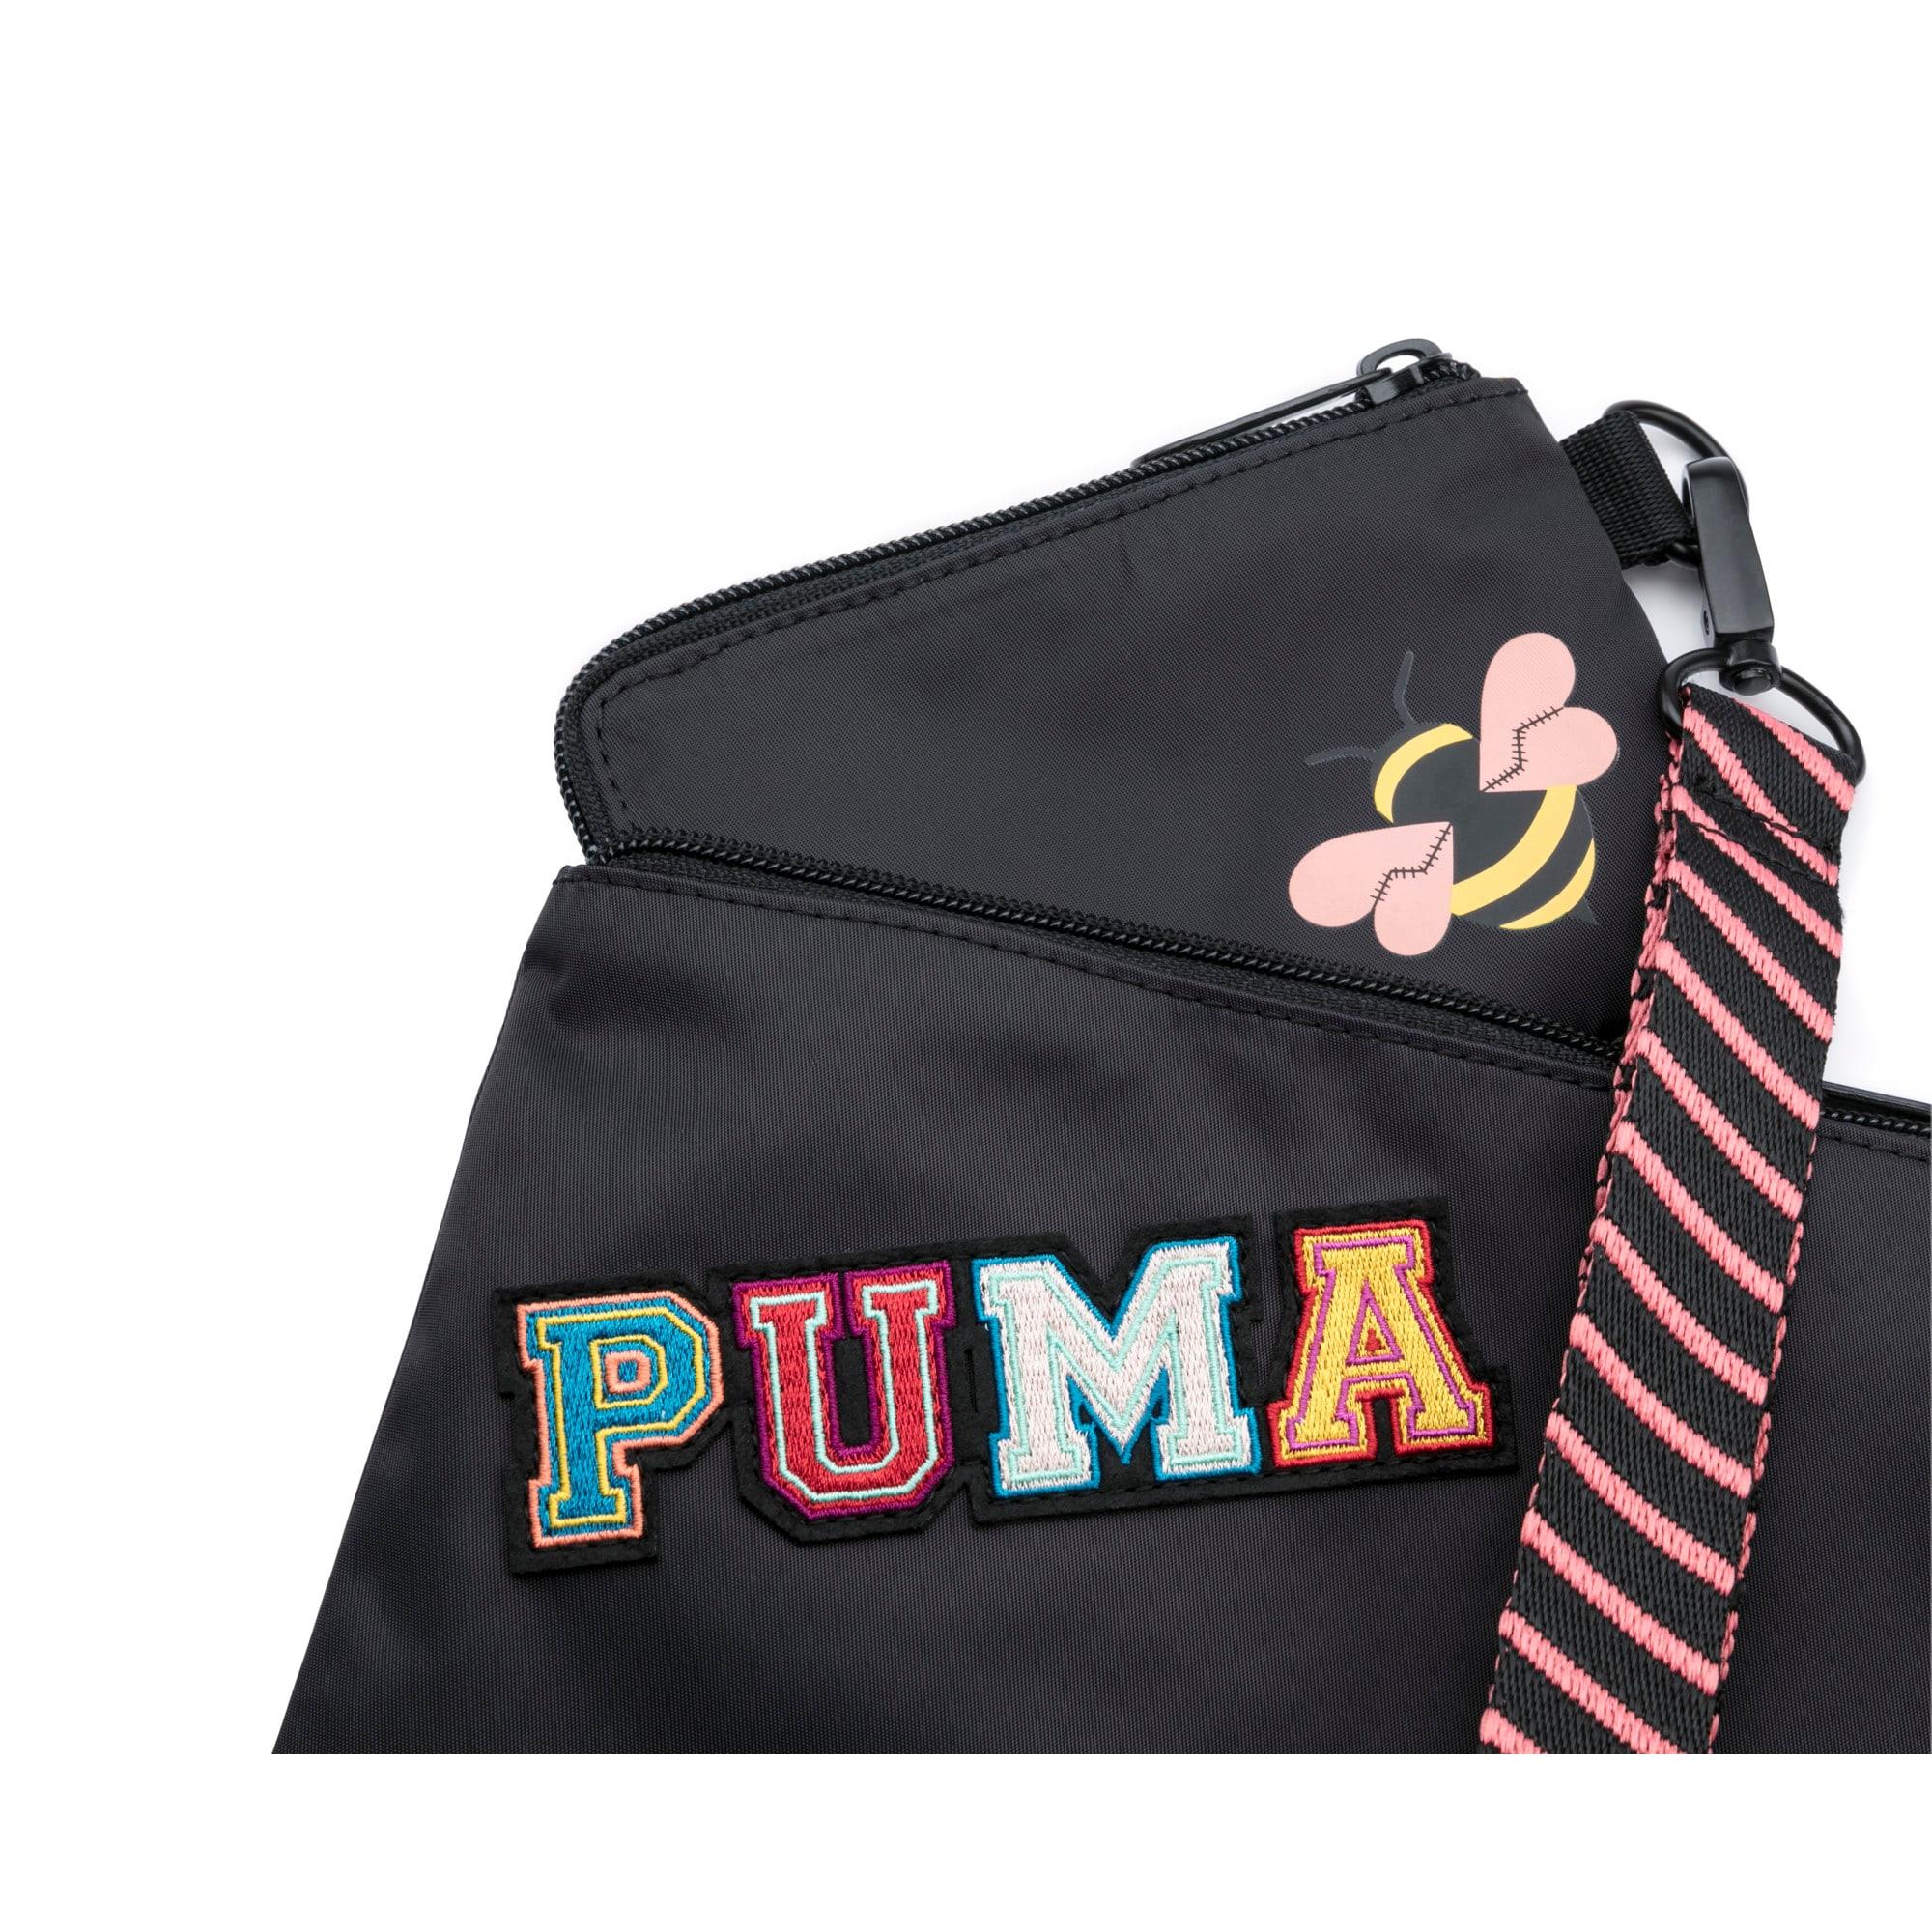 Thumbnail 5 of PUMA x SUE TSAI Pouch, Puma Black, medium